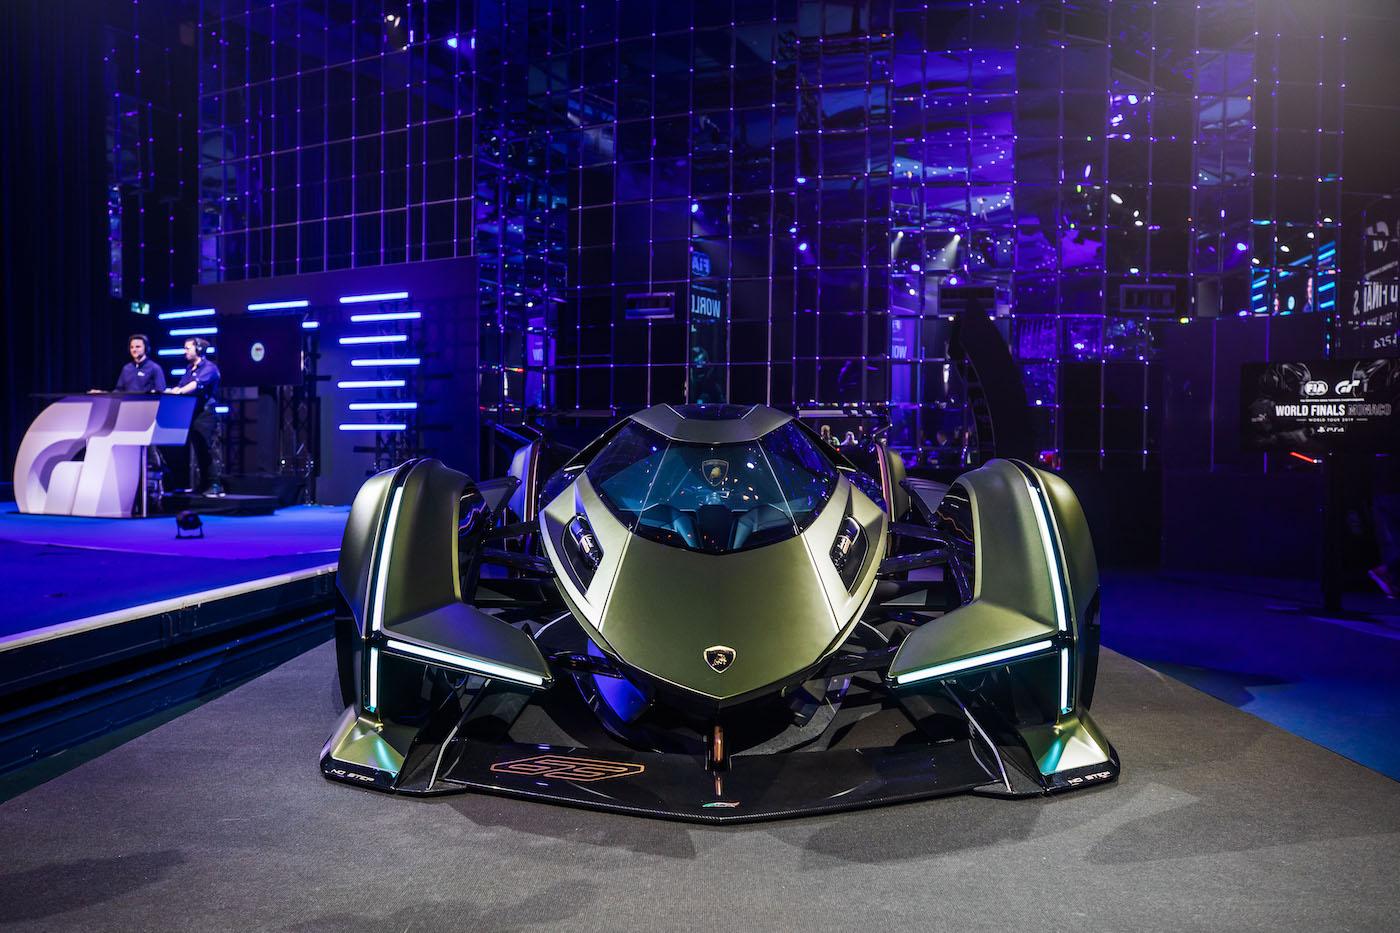 Zu schön, um wahr zu sein: Lamborghini präsentiert den V12 Vision Gran Turismo in Monte Carlo 24